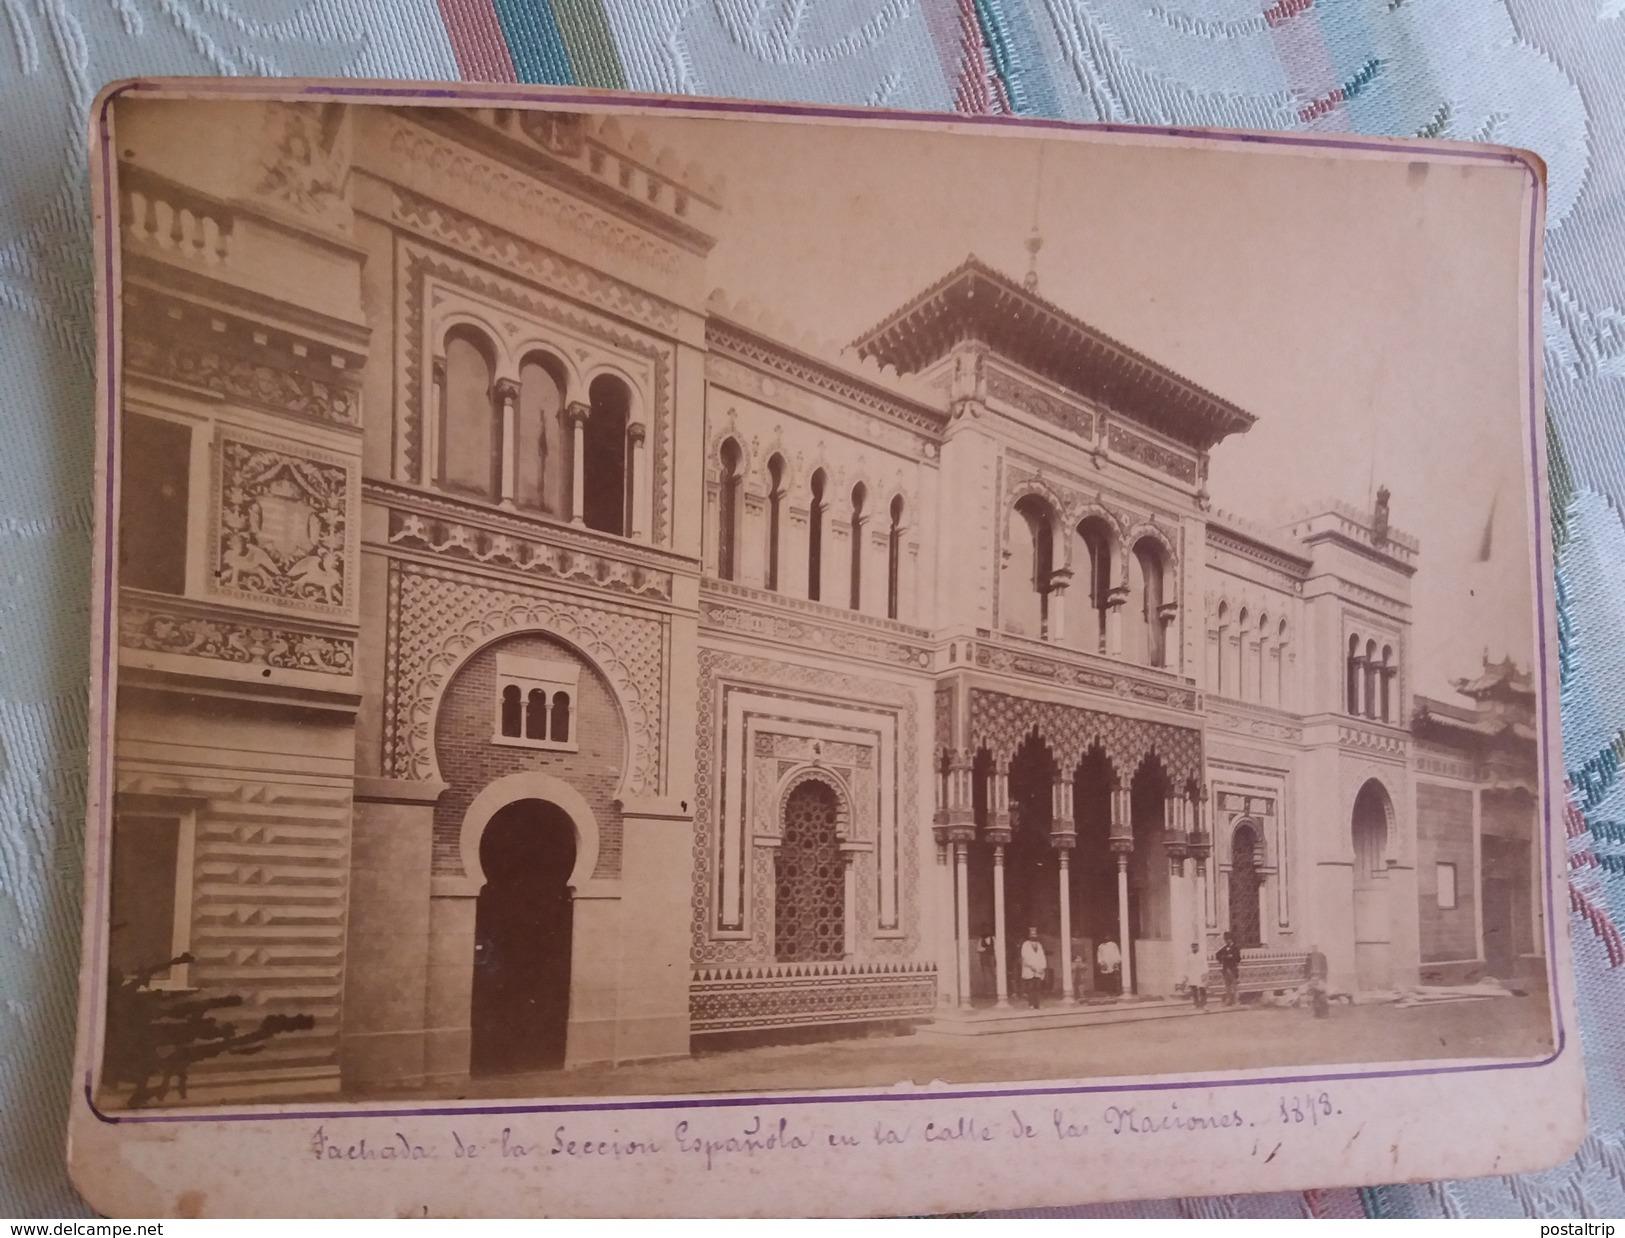 FACHA DE LA SECCION ESPAÑOLA EN LA CALLE DE LAS NACIONES 1878 - FOTOGRAFIA ANTIGUA 16.5 X 10.5 CM - Ancianas (antes De 1900)